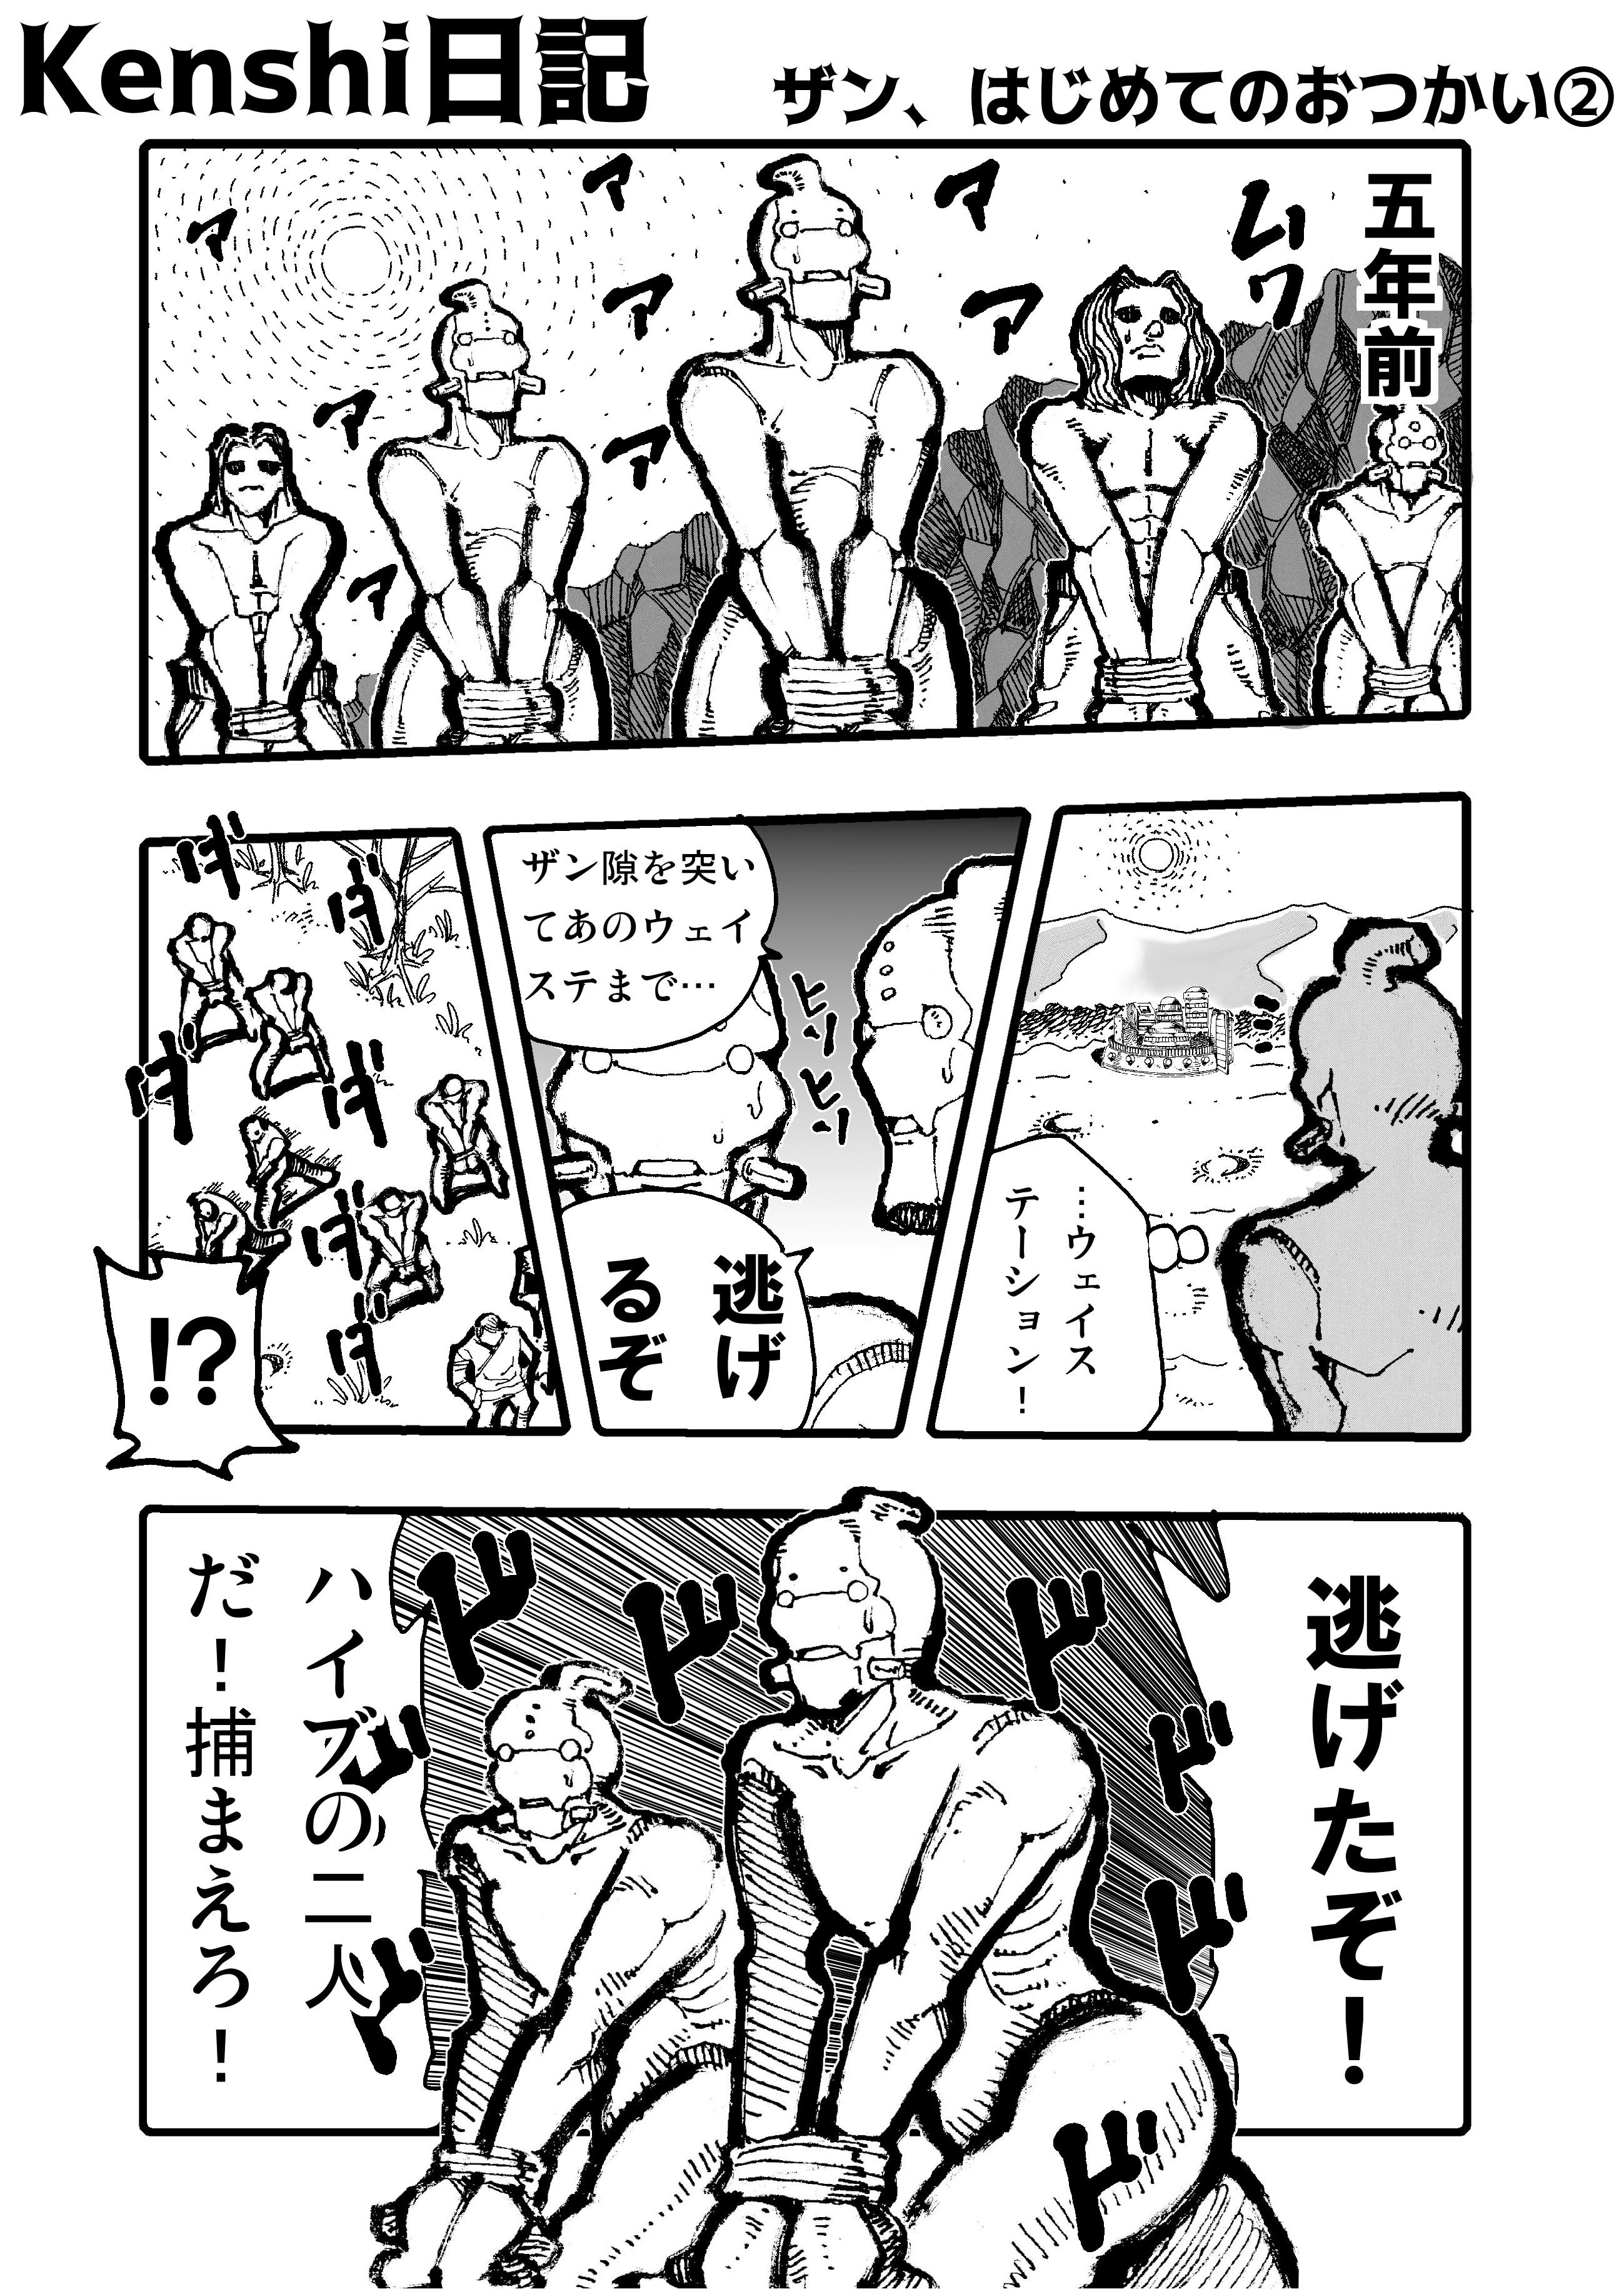 Kenshi日記26 ザン、はじめてのおつかい②の巻